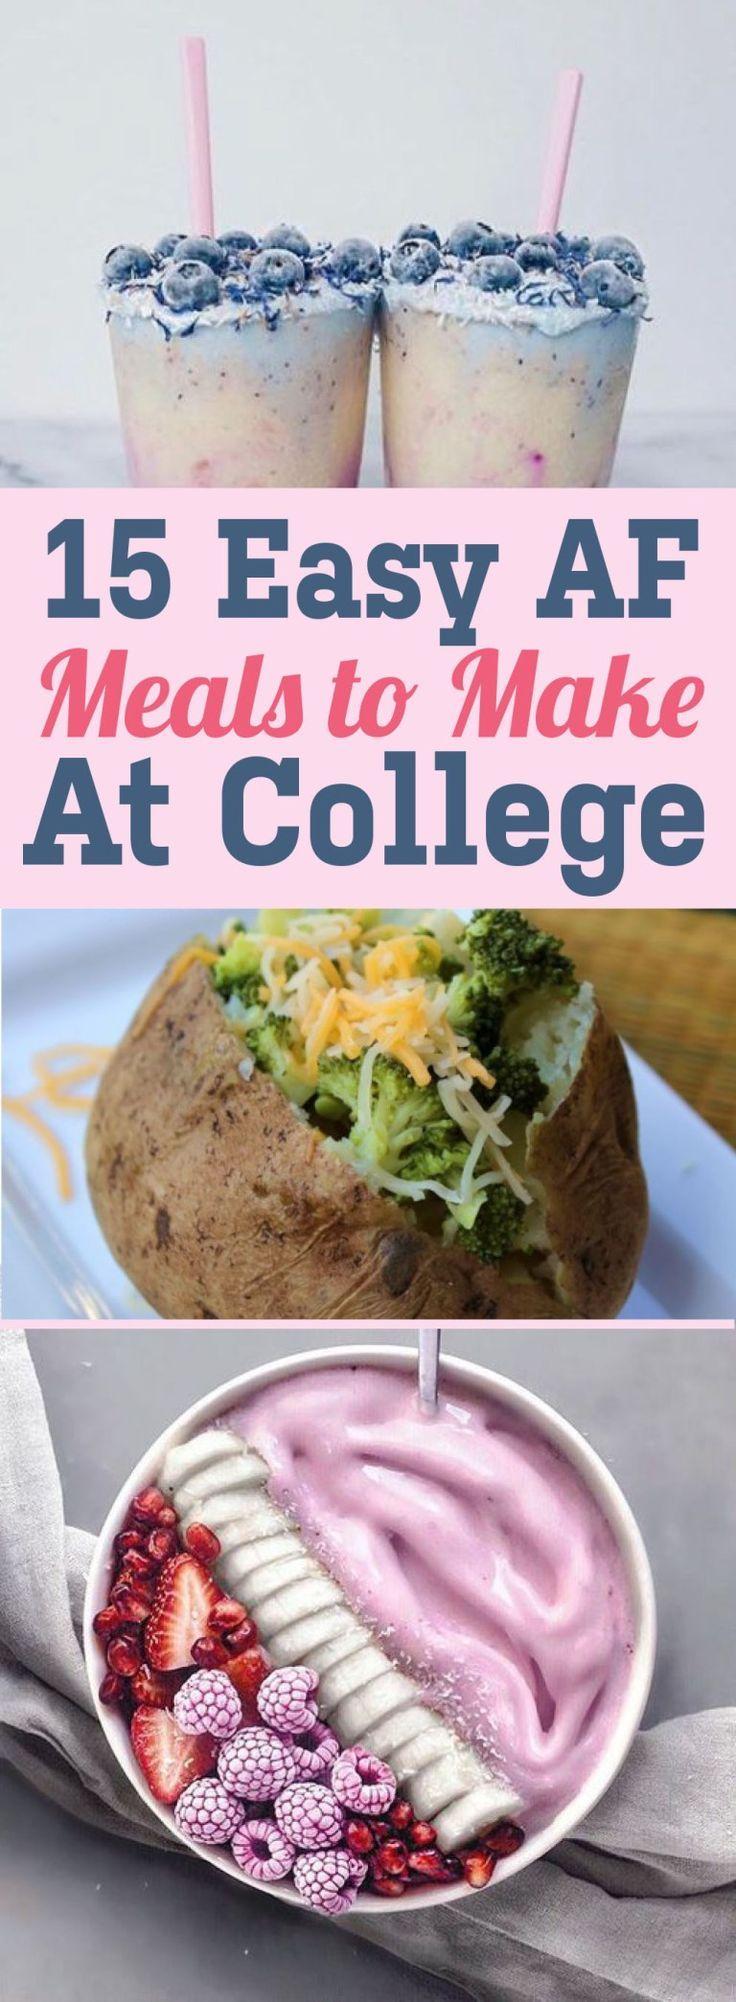 15 Easy AF Meals To Make At College images